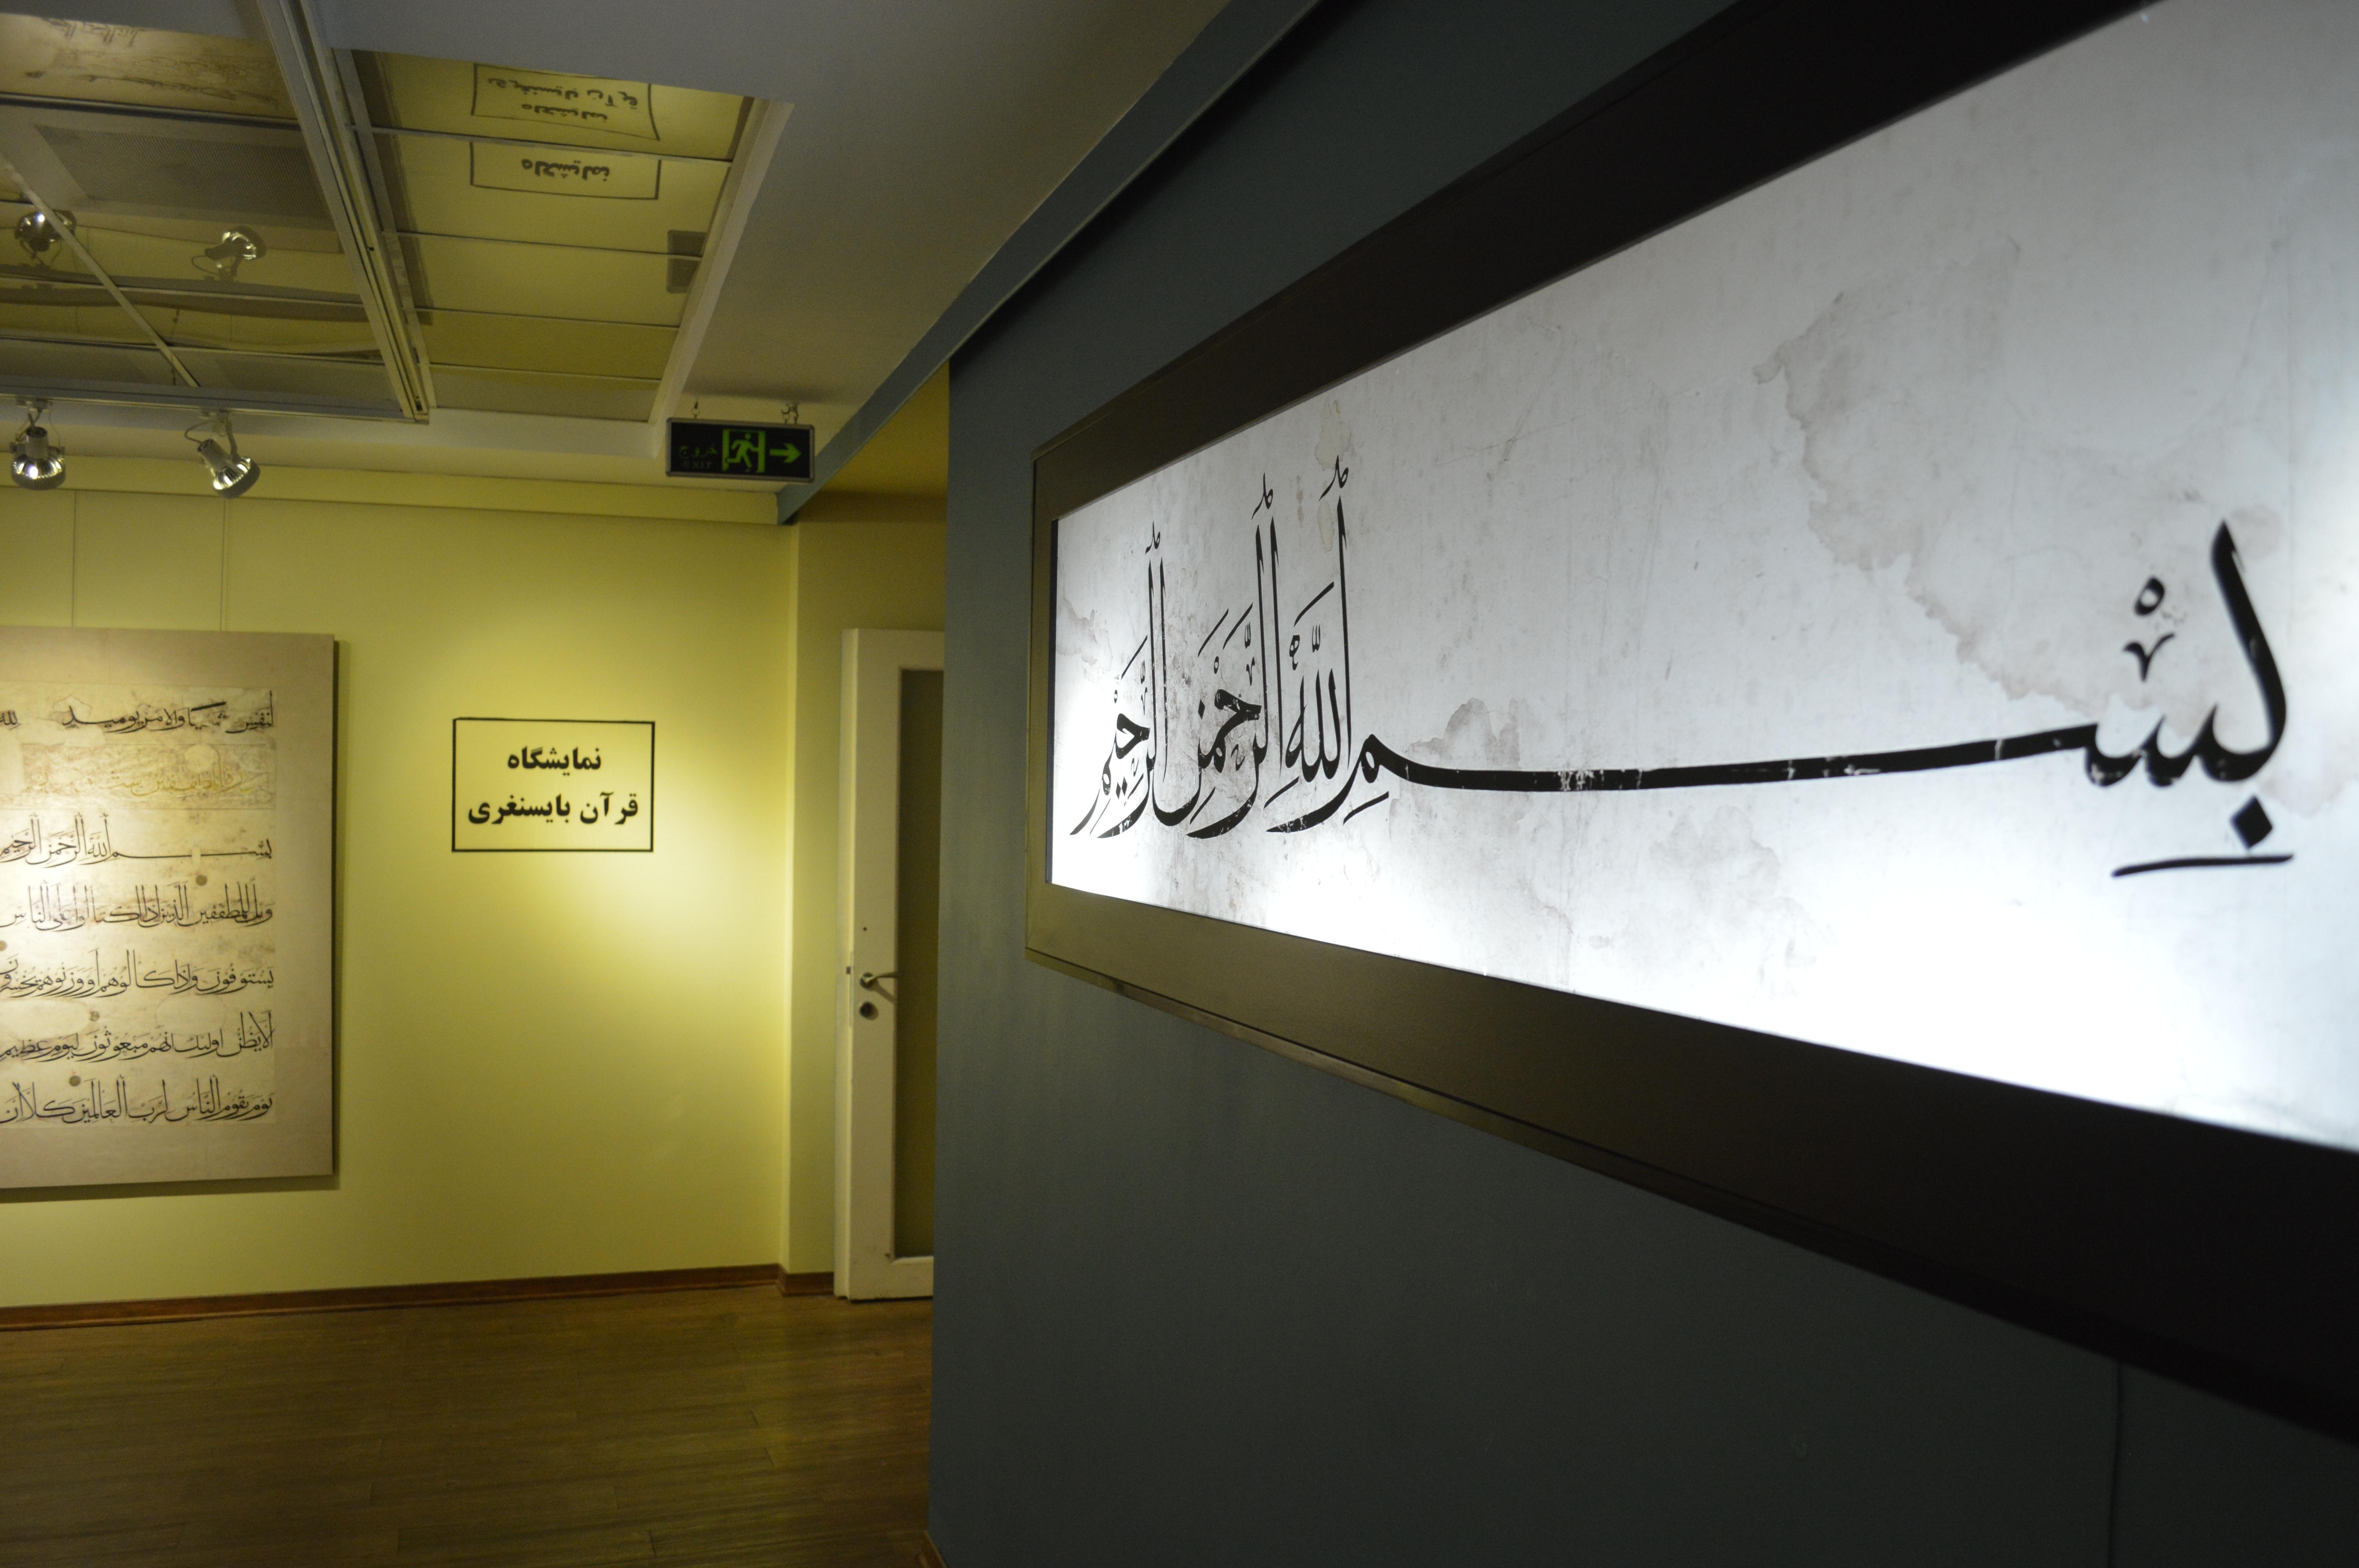 نمایشگاه قرآن باینسغری 9